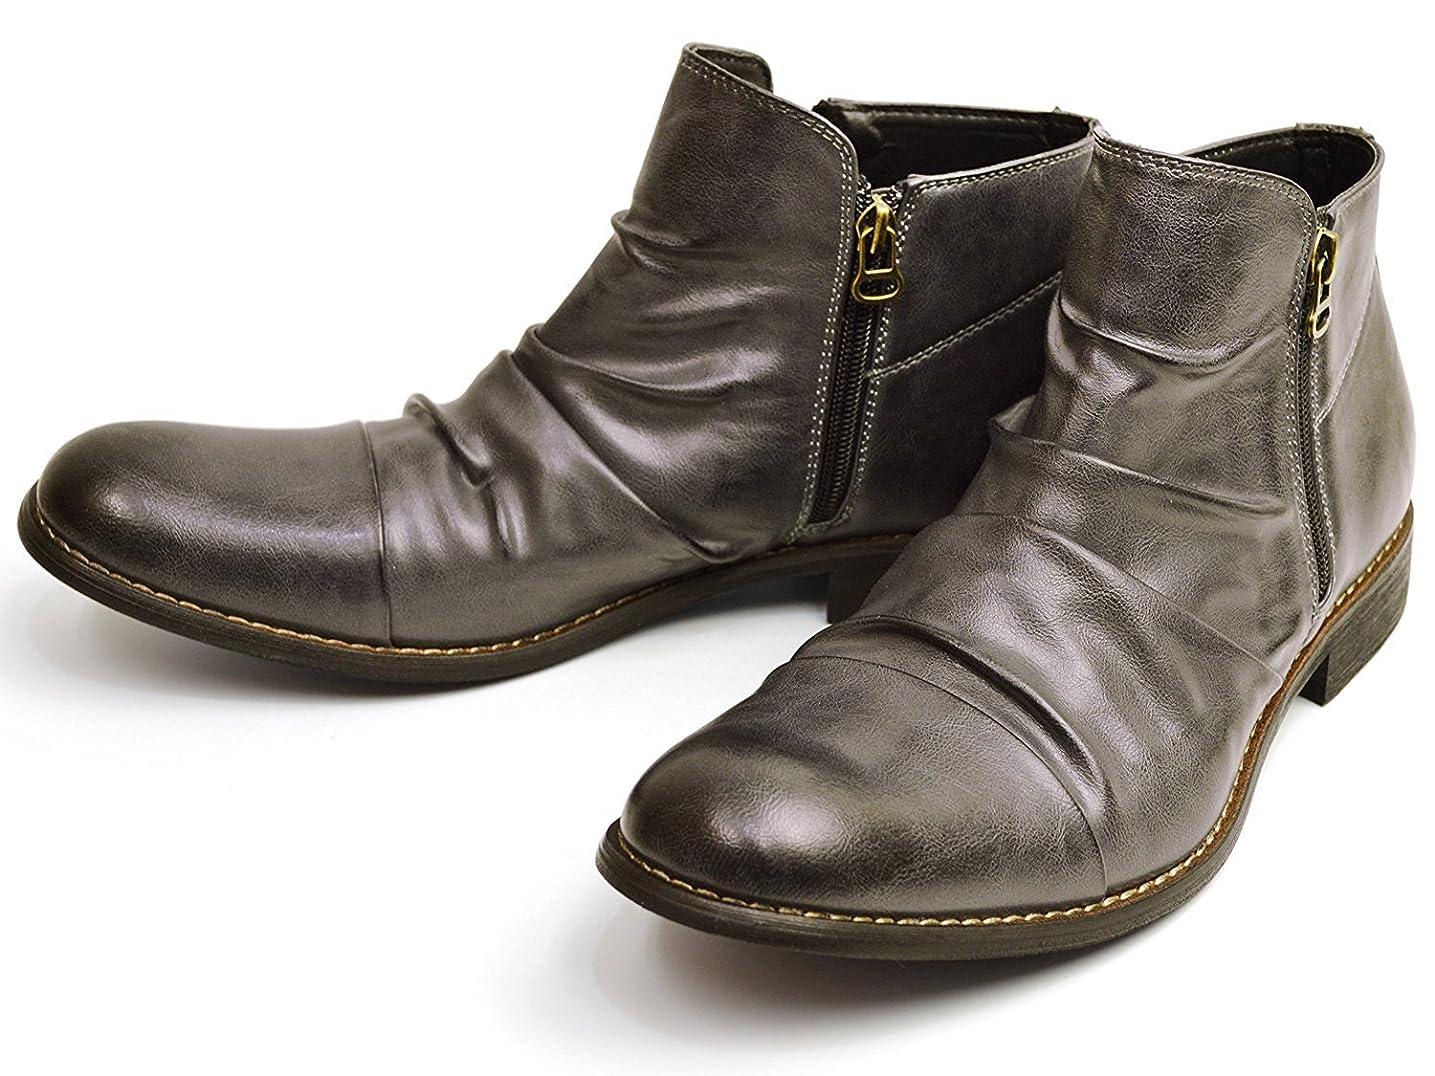 消す葉を拾う高揚した[ビーシーアール] レインブーツ レインシューズ サイドゴア 長靴 長くつ 雨靴 PVC BC517 メンズ